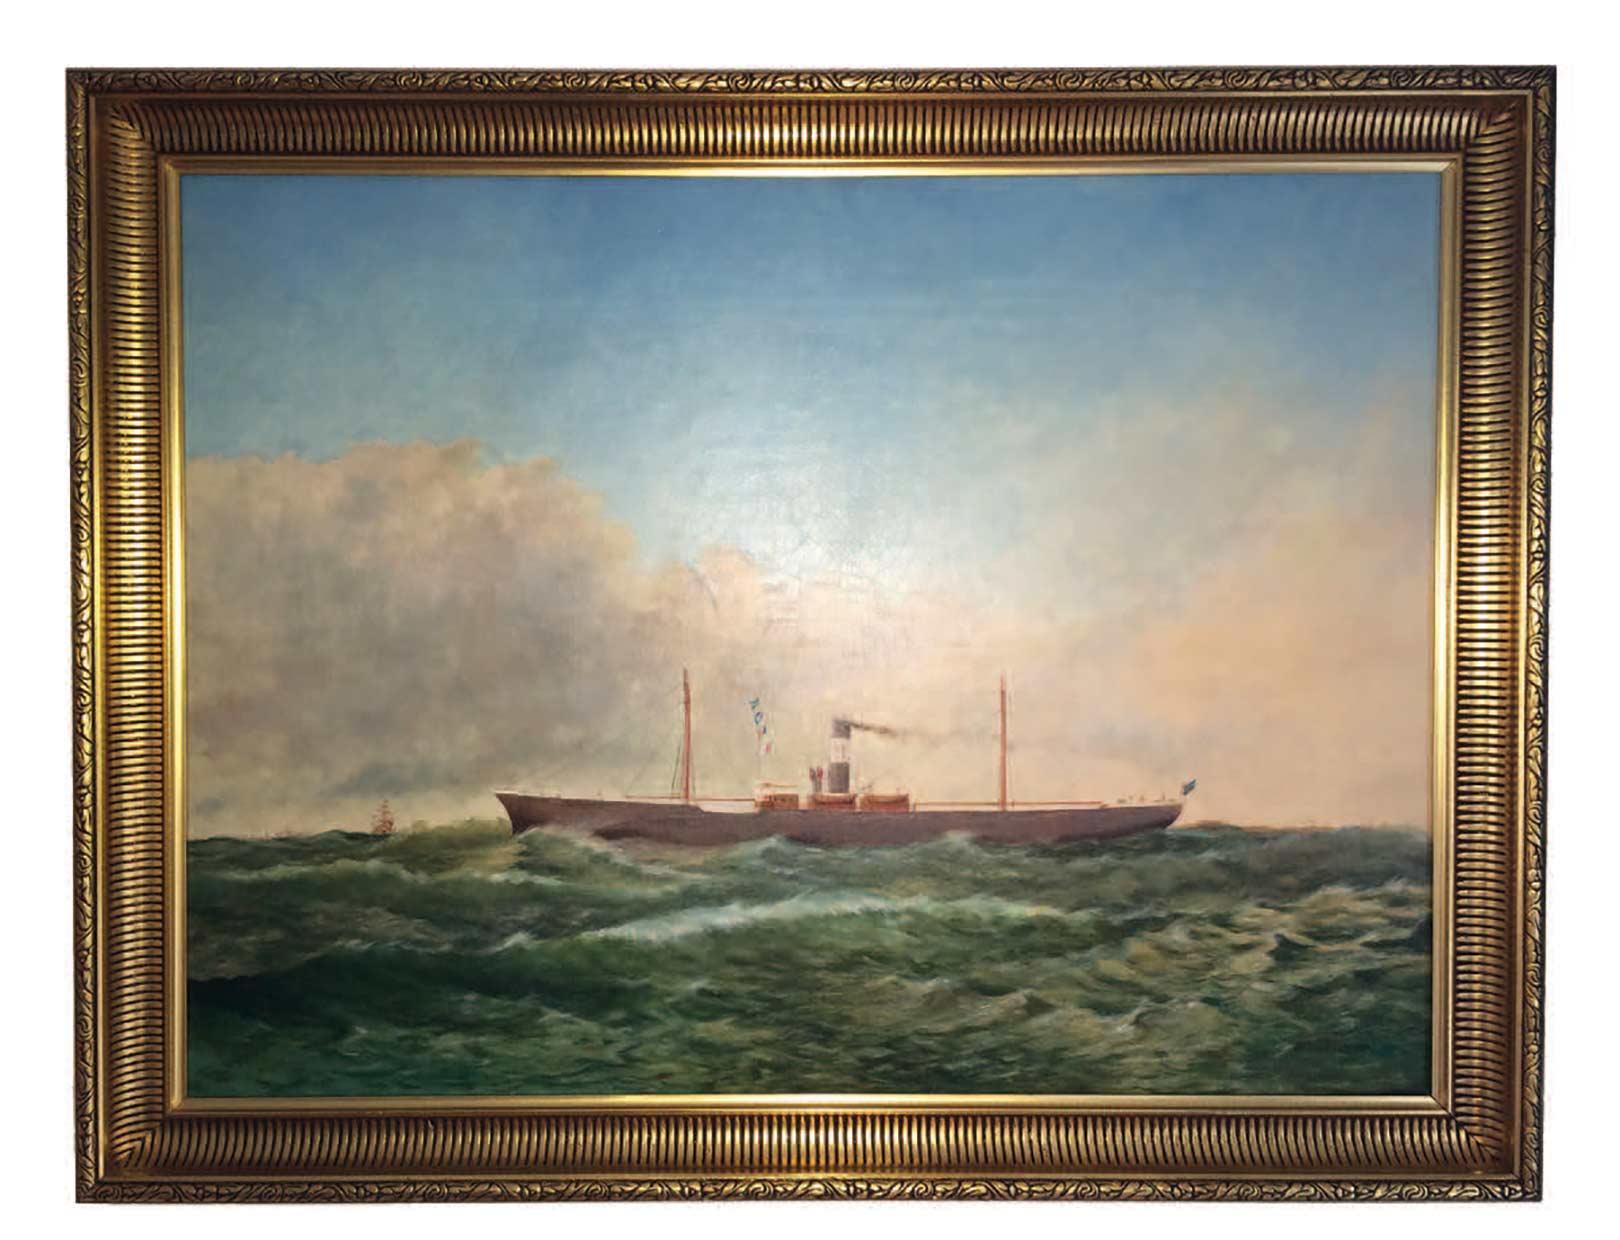 Skibsportrætter var meget populære blandt reddere fra midten af 1700 tallet og frem til fotografiet blev almindeligt. Her er maleriet af SS Robert, der sank ved en kollision og nu ligger på bunden af Øresund nord for Hven. Portrættet tilhører fritidsdykker Allan Jensen.